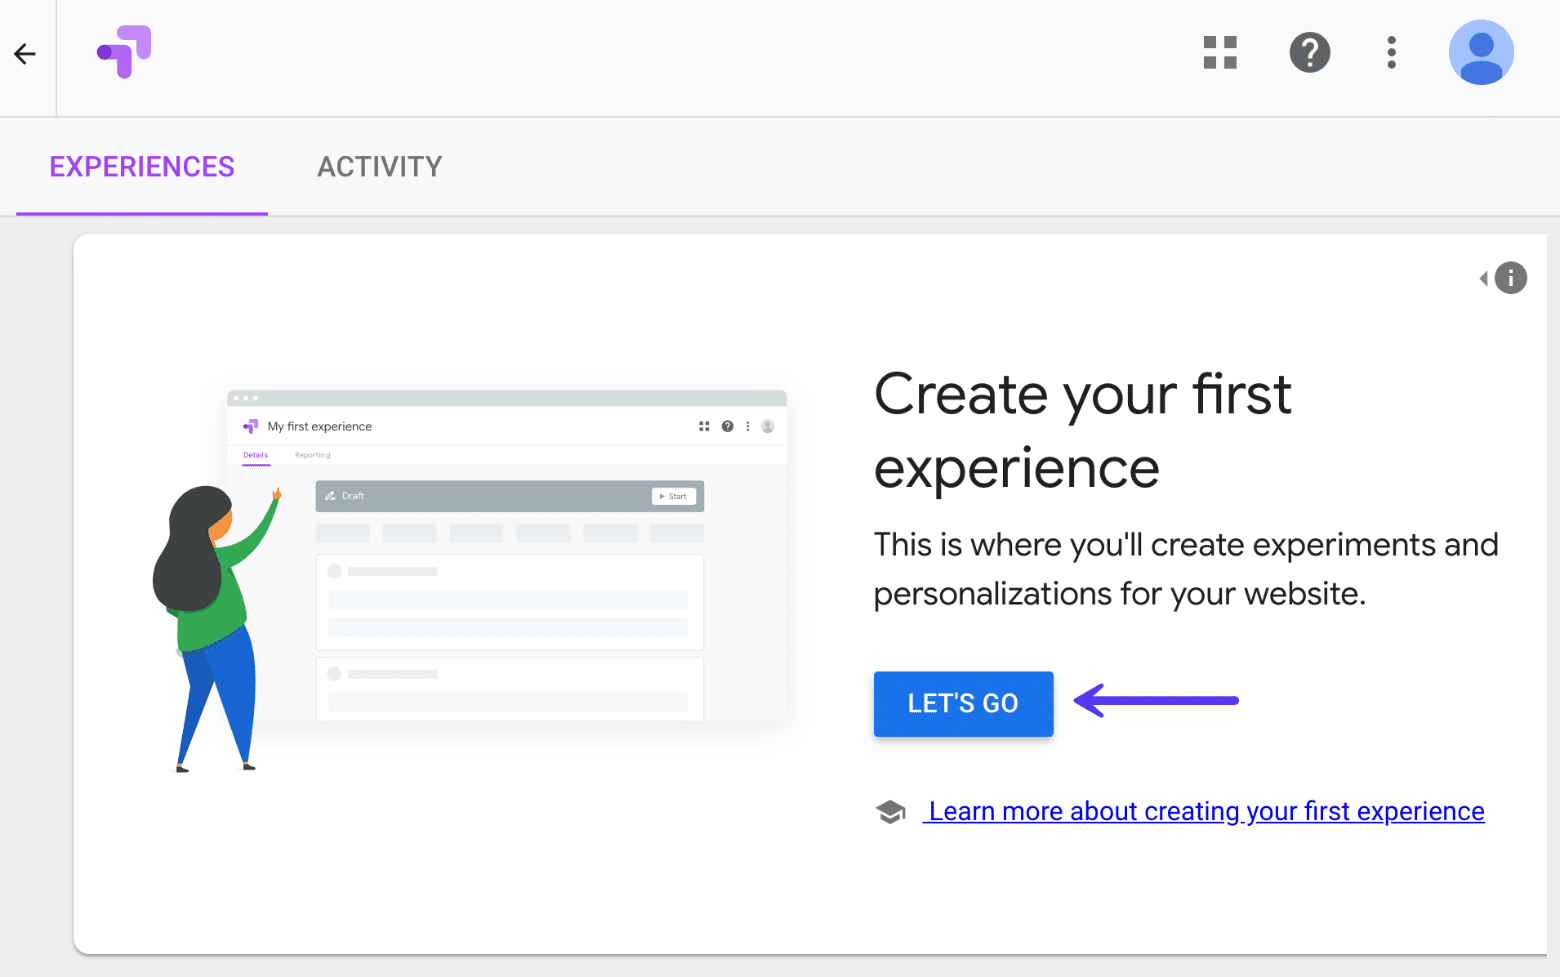 Créer une expérience A/B test dans Google Optimize